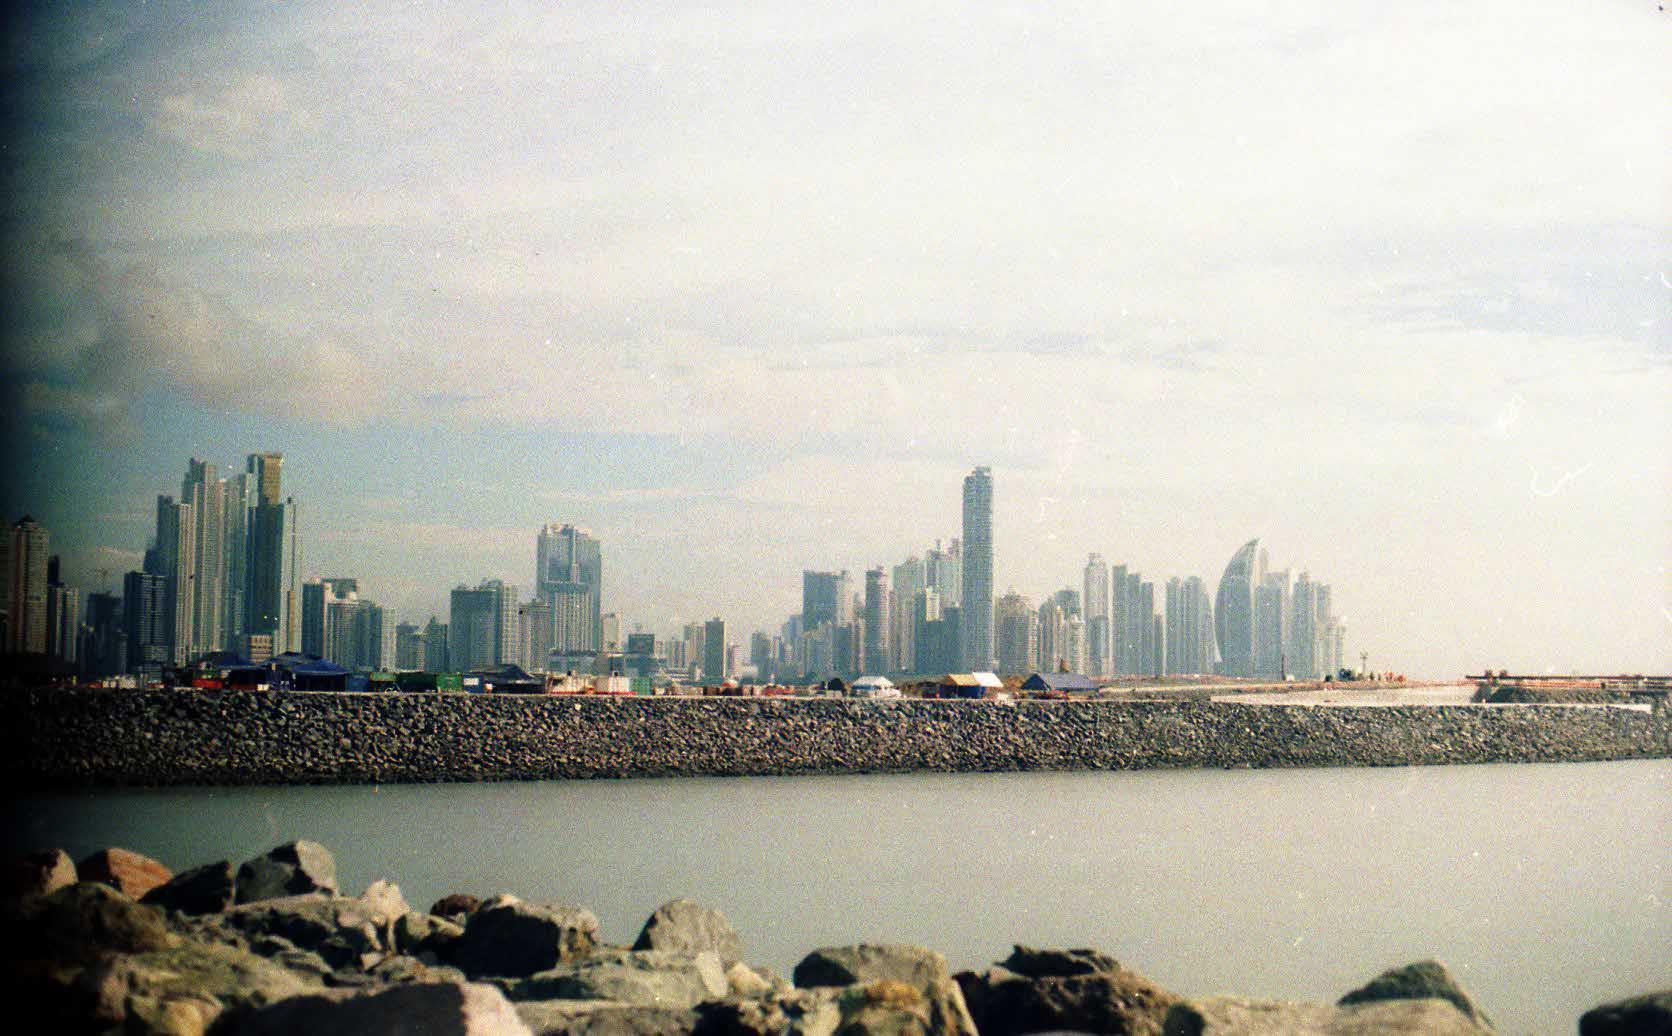 Colômbia e Panamá - cidade do Panamá